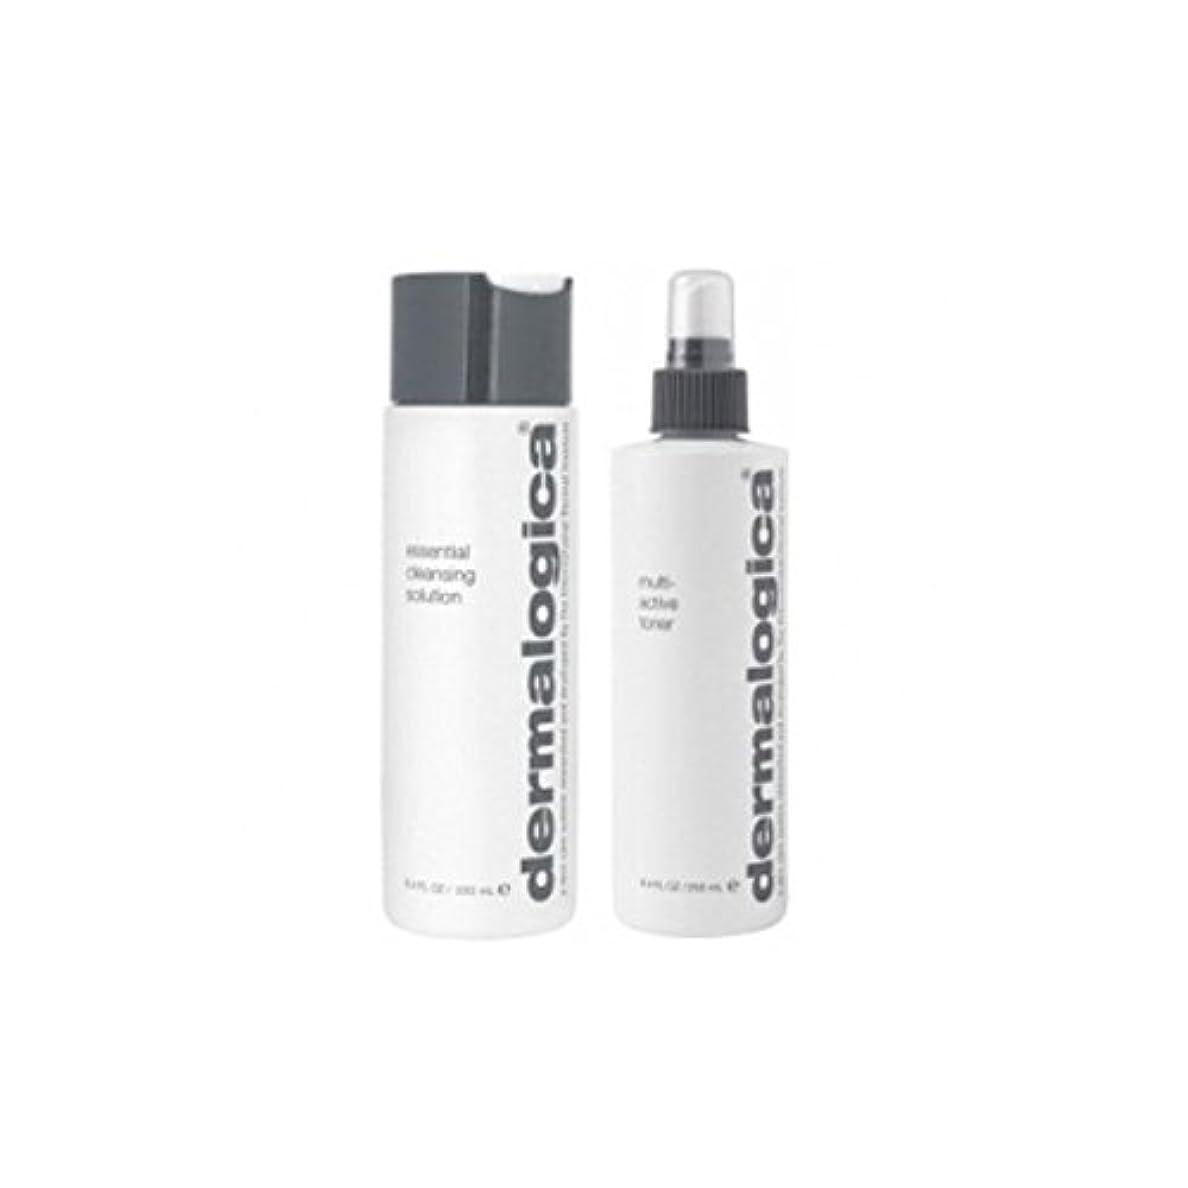 かるオークション論理的にダーマロジカクレンジング&トーンデュオ - 乾燥肌 x2 - Dermalogica Cleanse & Tone Duo - Dry Skin (Pack of 2) [並行輸入品]